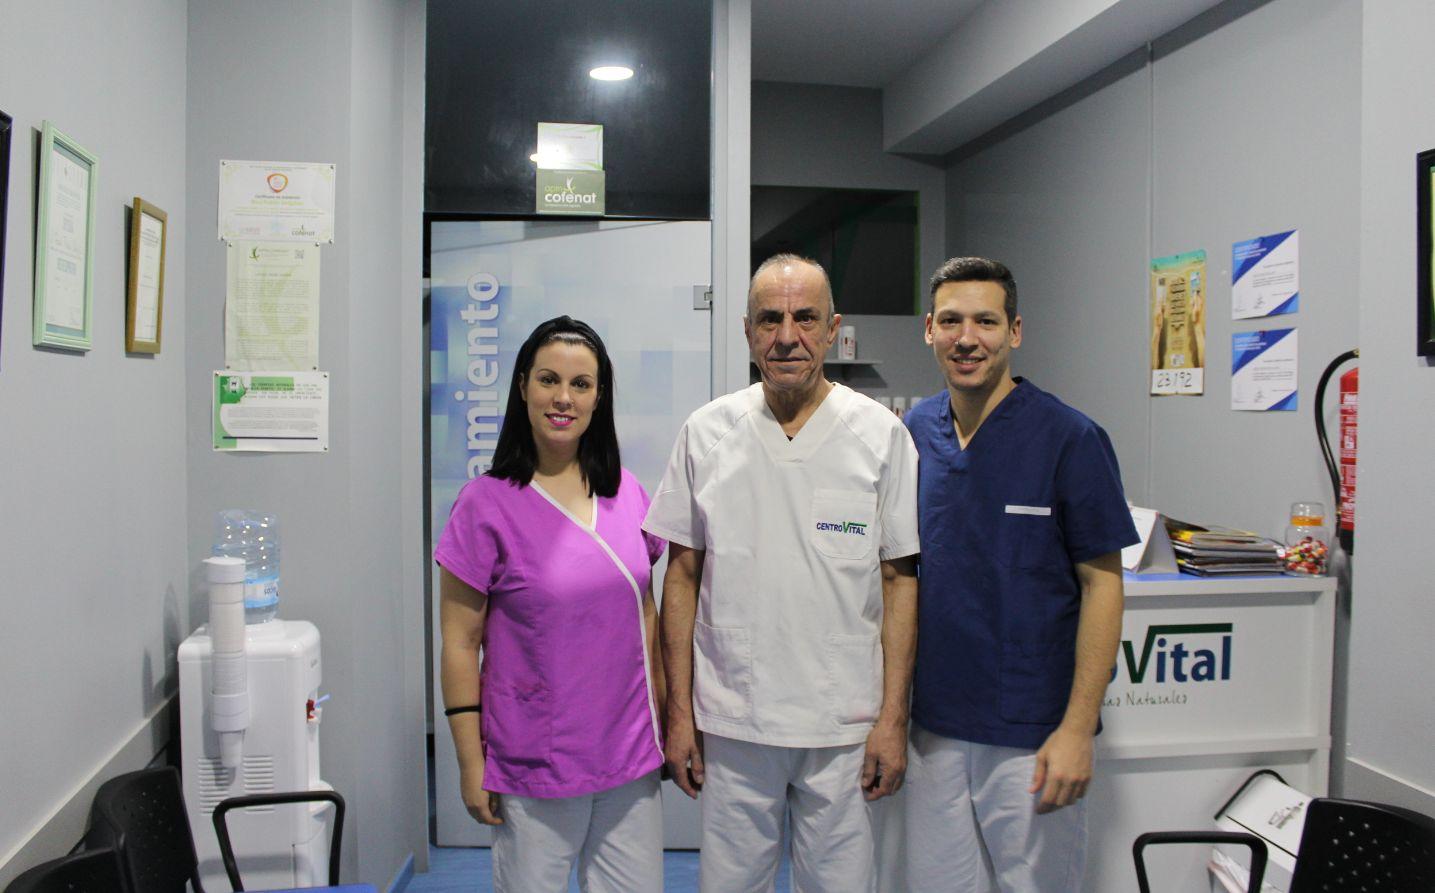 Osteopatía estructural, visceral y craneal en Montehermoso